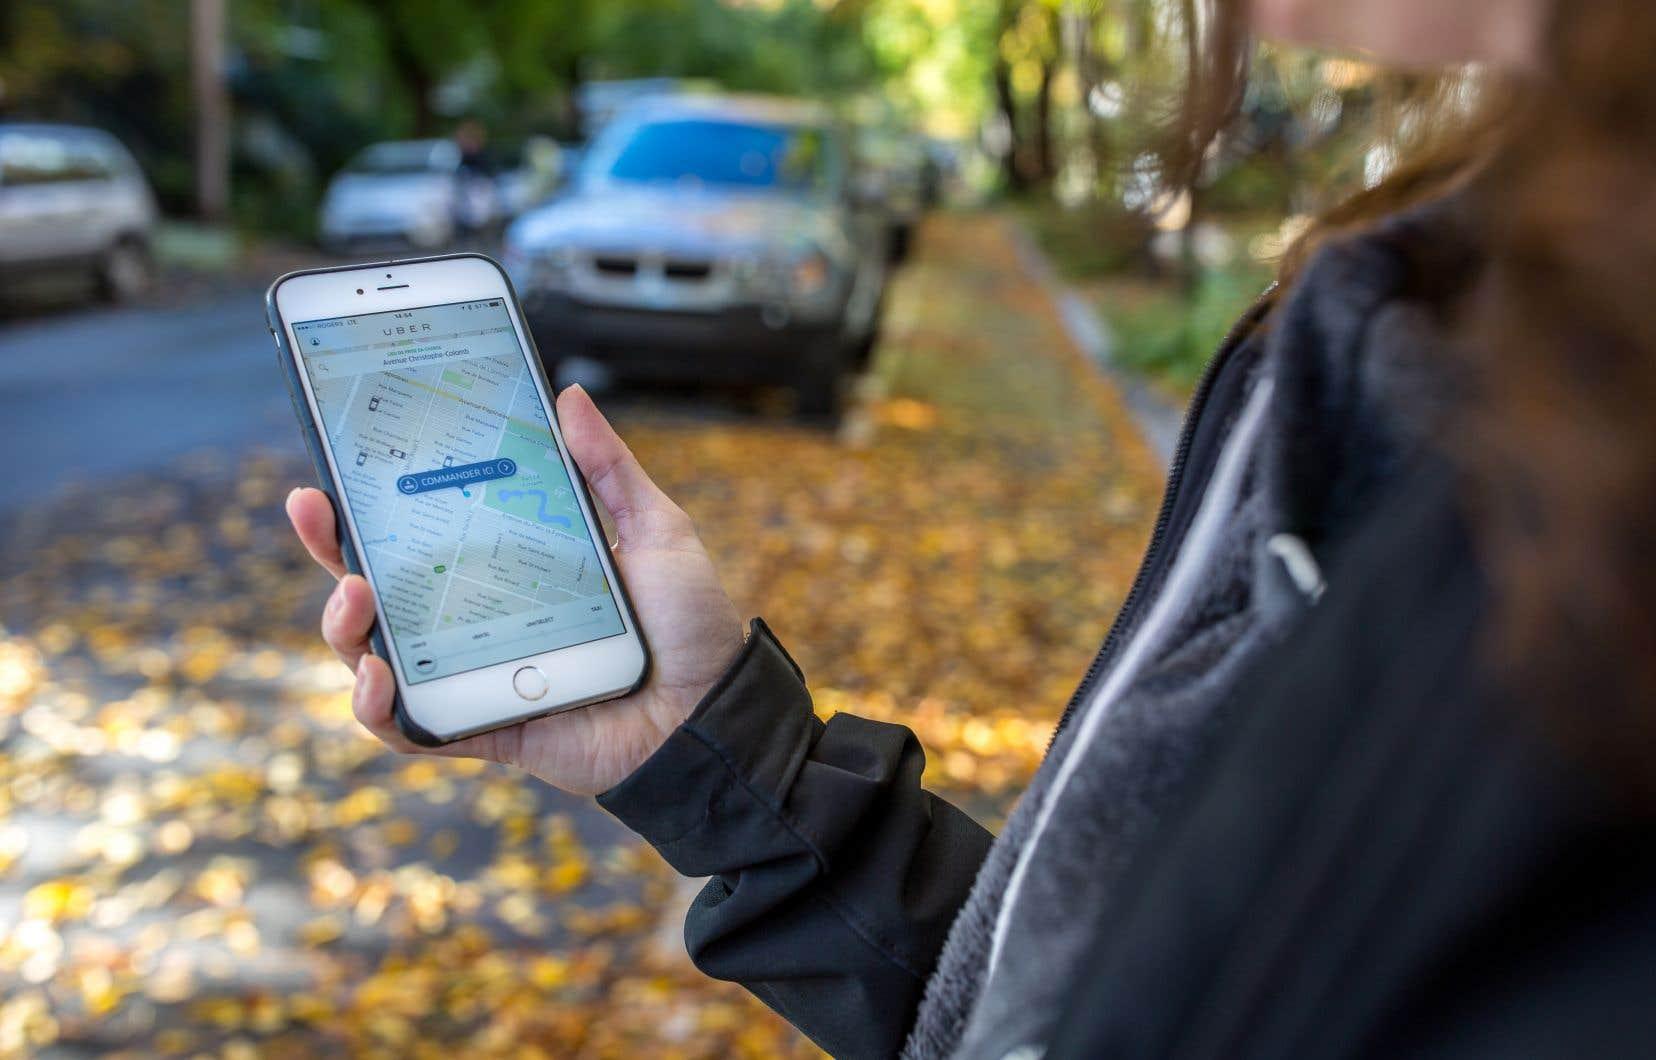 Le rapport d'Option consommateurs recommande d'adopter de nouvelles règles propres aux plateformes collaboratives afin de protéger adéquatement les consommateurs.